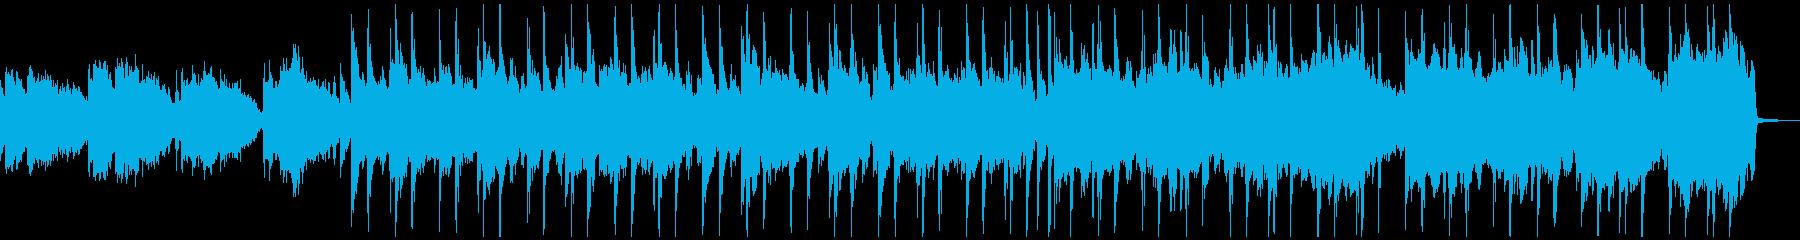 おだやかなアコースティックギターBGMの再生済みの波形